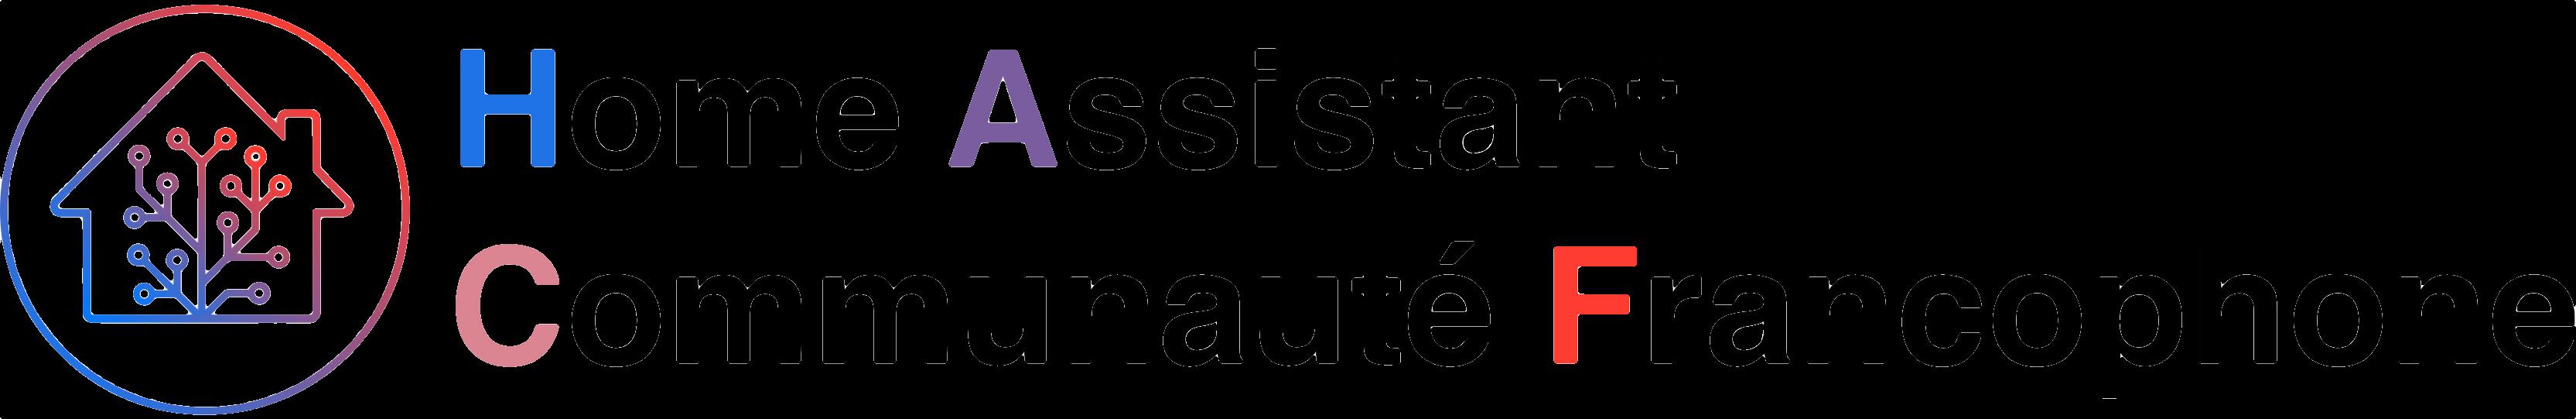 Home Assistant Communauté Francophone